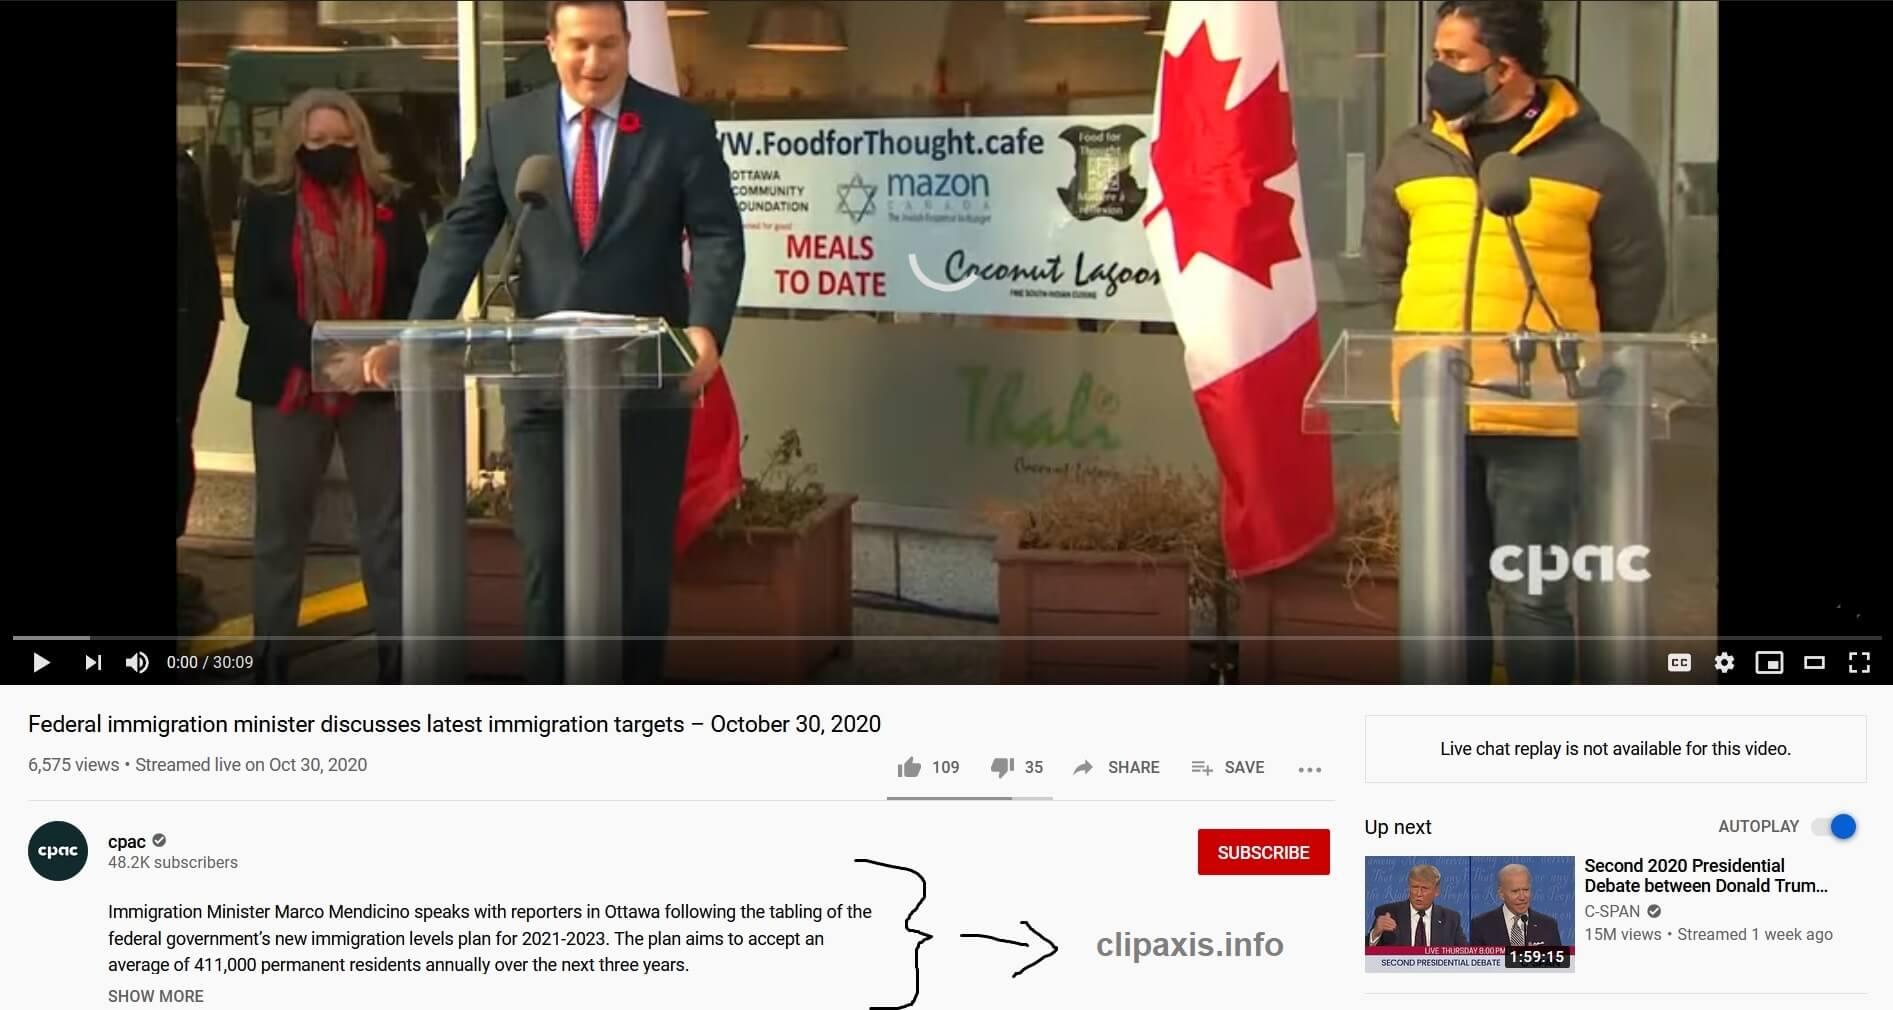 وزير الهجرة الكندي,الهجرة,الهجرة الى كندا,الهجرة إلى كندا,وزير الهجرة,وزير الهجرة في كندا,زيارة وزير الهجرة الكندية,كلمة وزير الهجرة الكندية للمسلمين,الهجرة الكندية,كيفية الهجرة الى كندا,الهجرة إلي كند,الهجره لكندا,الهجرة الي كندا,شروط الهجرة الى كندا,الهجرة الى كندا 2021,الهجرة لكندا . السوريين في كندا. هجرة . كندا .,تقديم طلب الهجرة الى كندا,كندا للهجرة